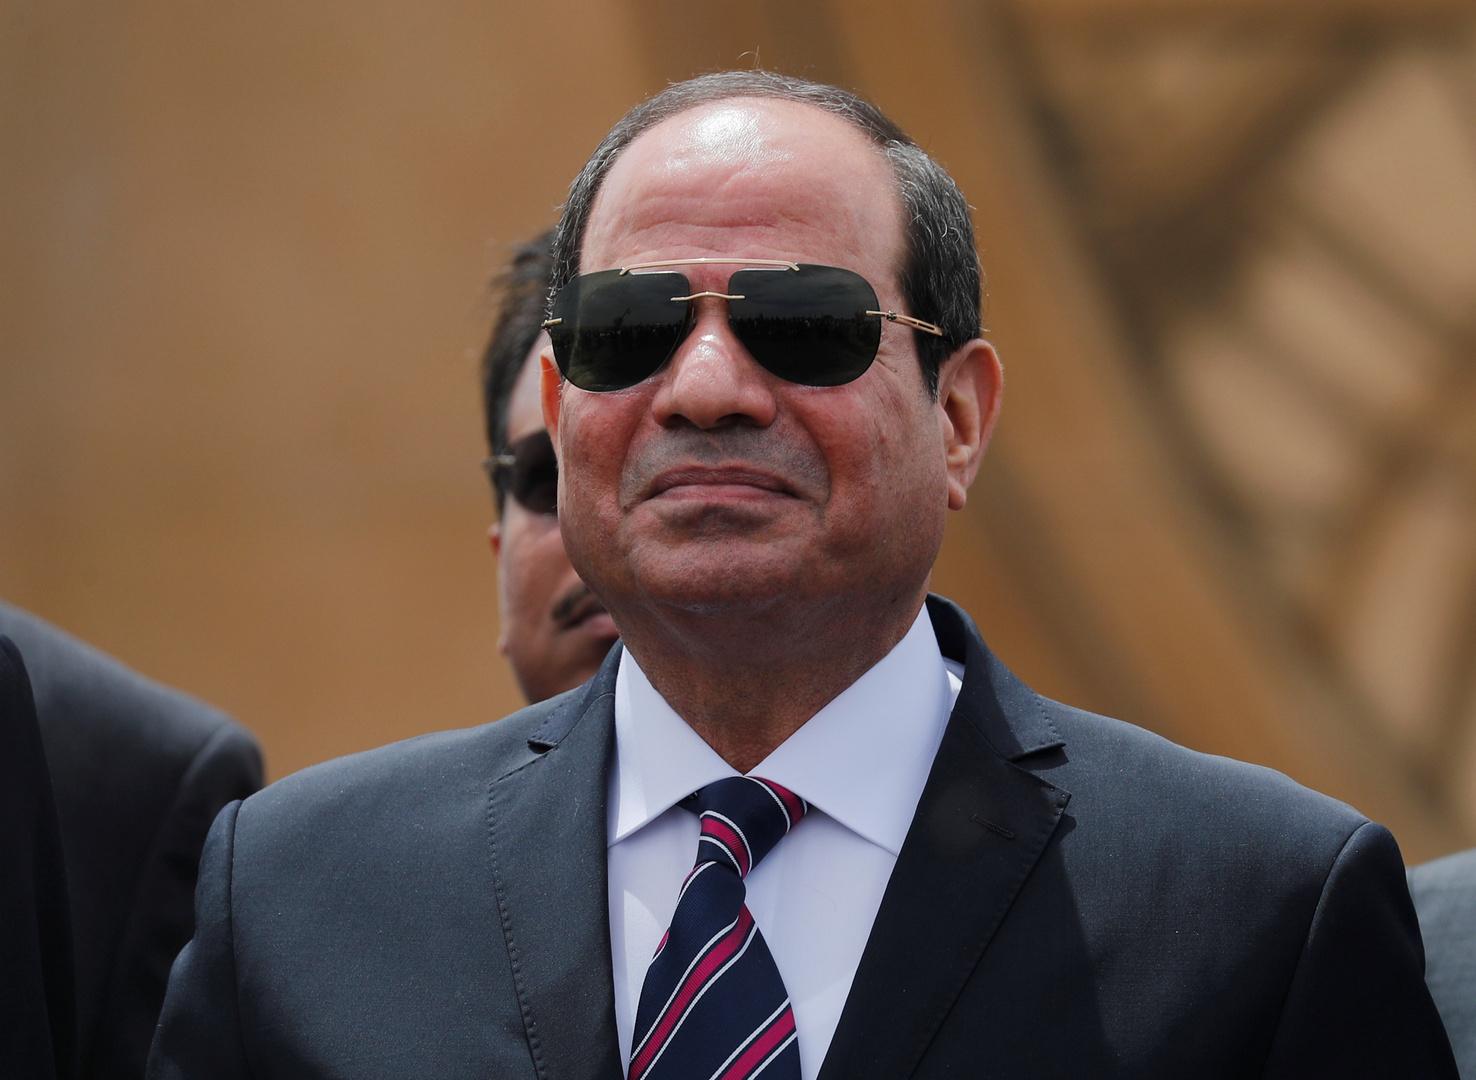 السيسي يكشف عدد الزيادة السكانية في مصر خلال 10 سنوات فقط